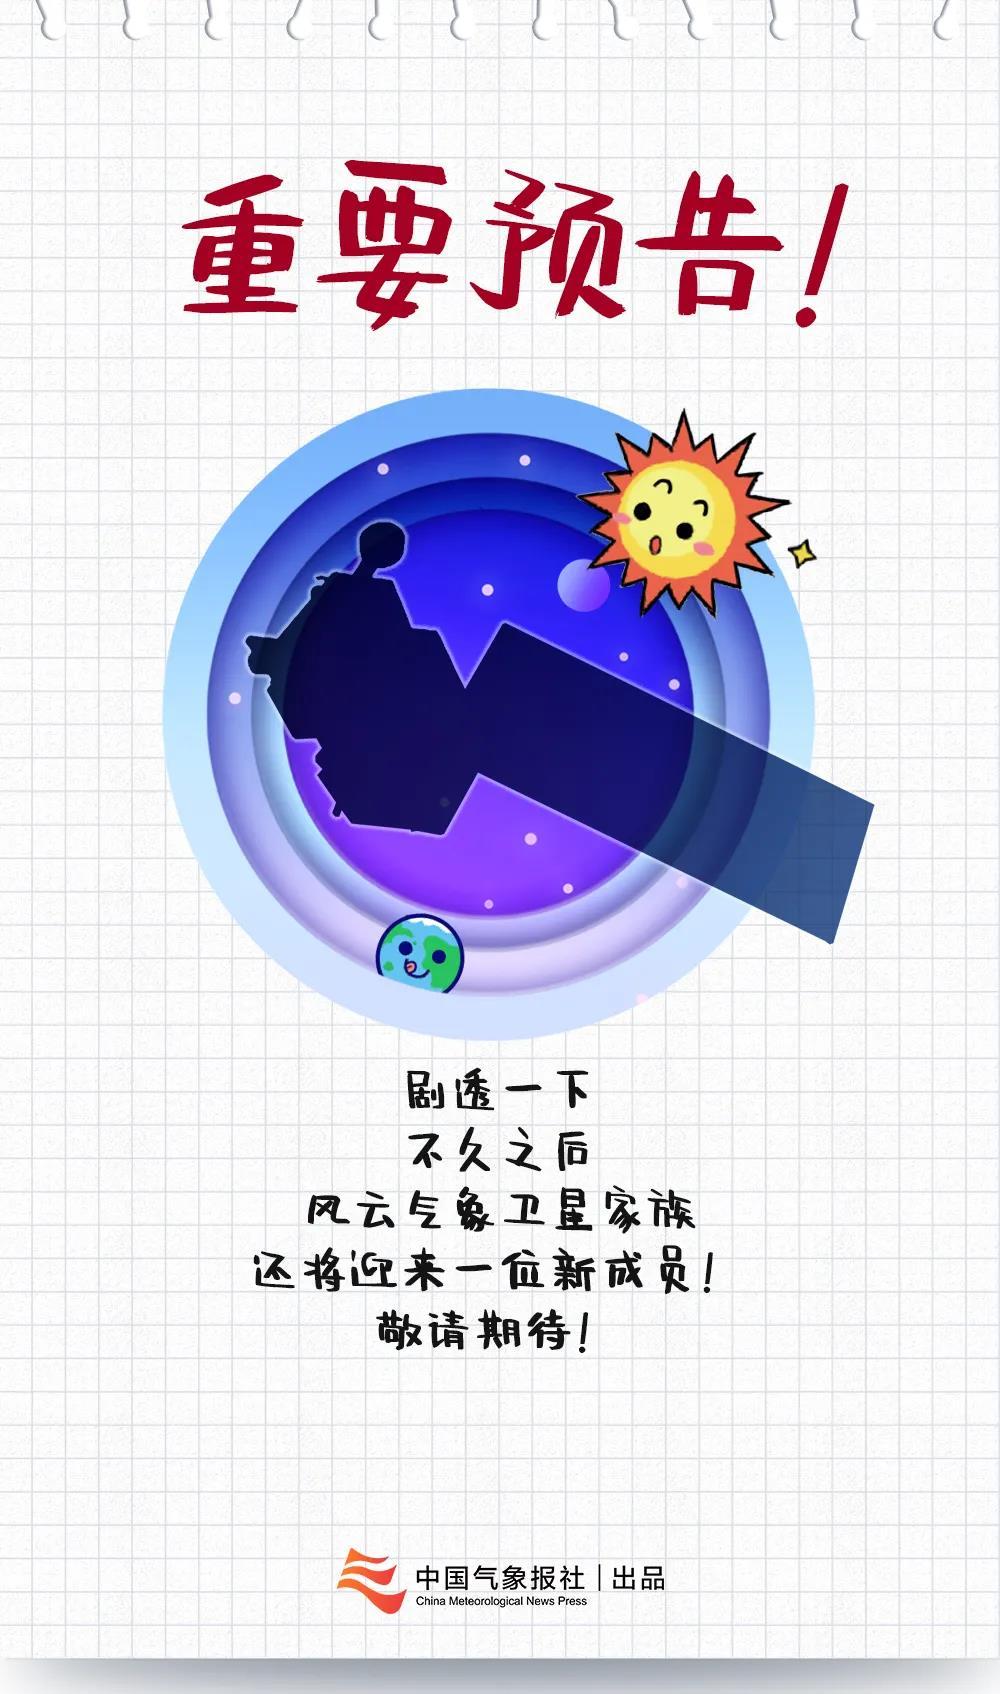 微信图片_20210604100828.jpg